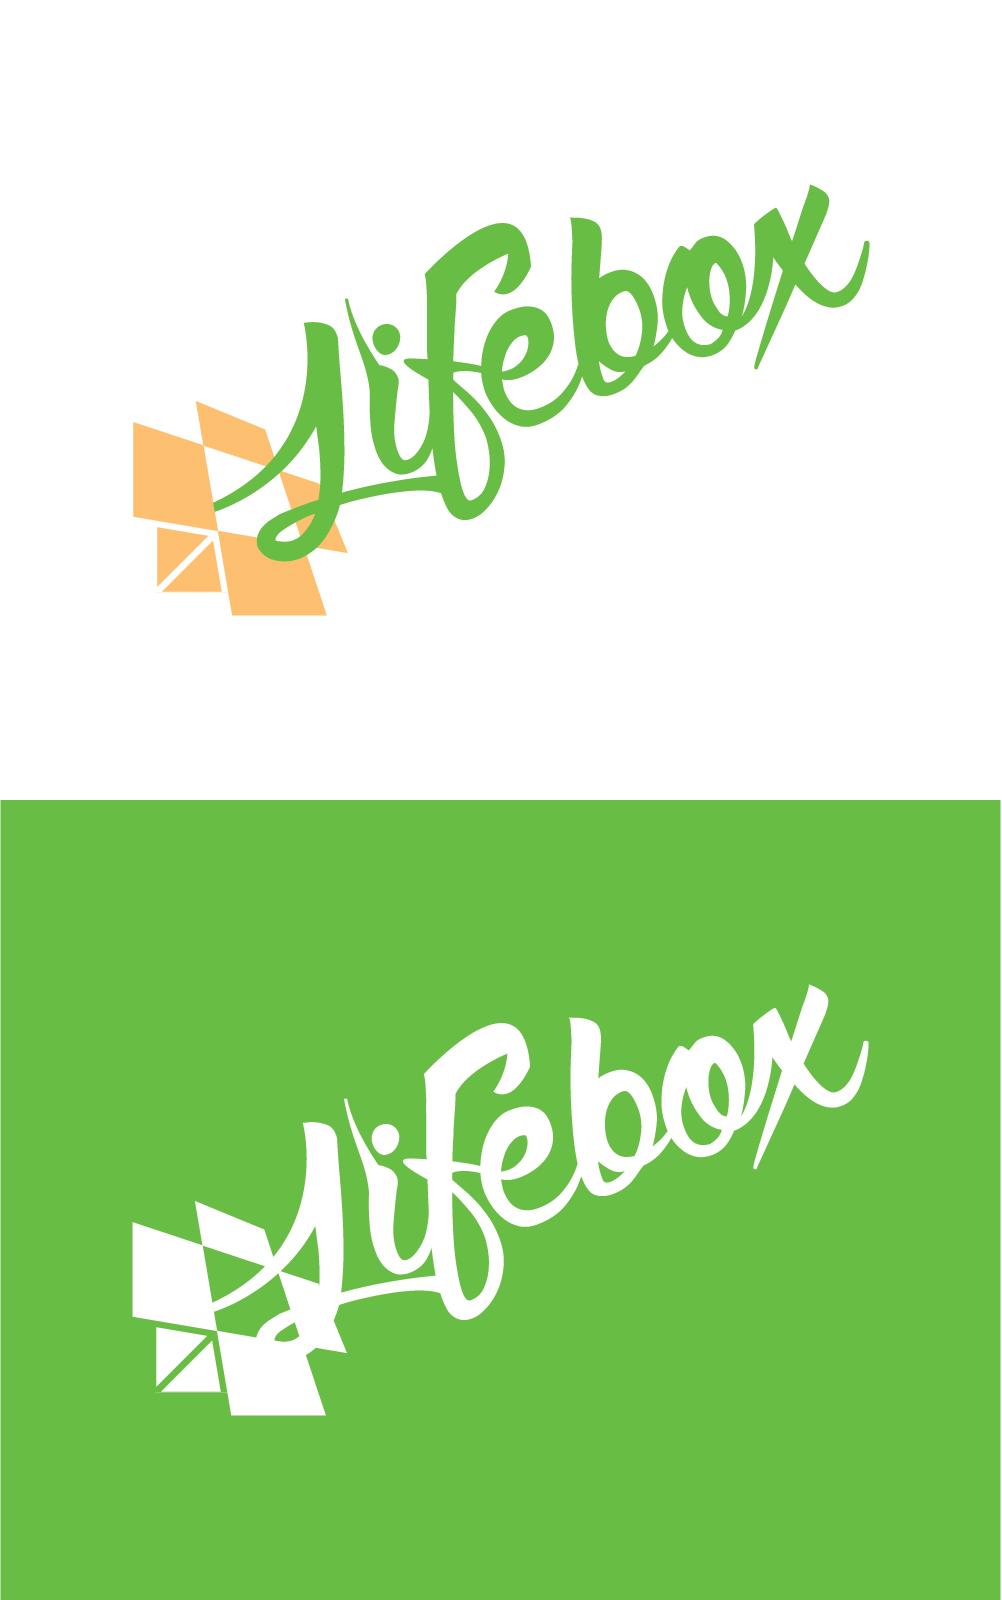 Разработка Логотипа. Победитель получит расширеный заказ  фото f_7155c27e43b8bc28.jpg